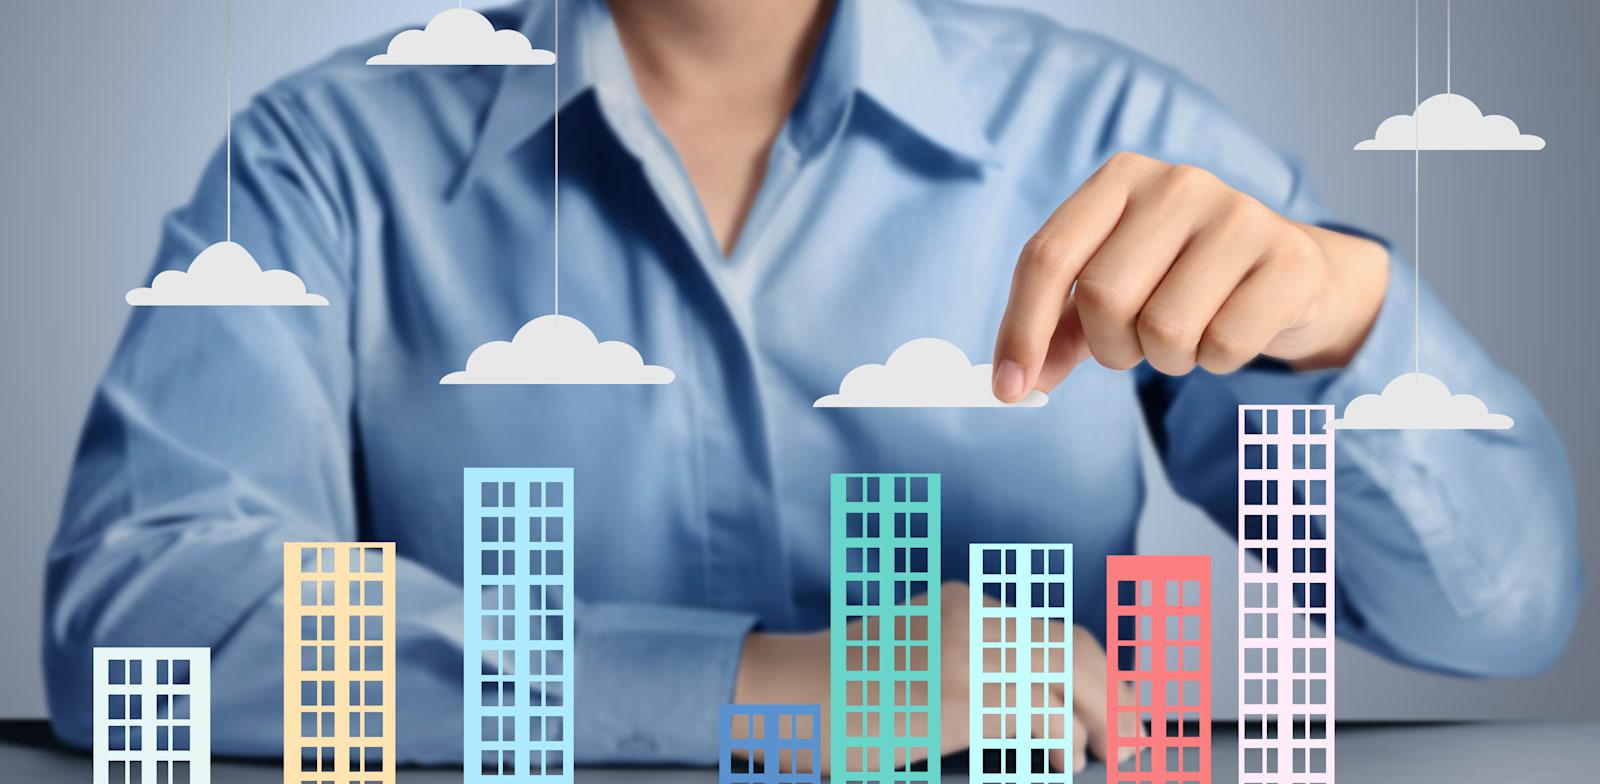 האם הטבת המשכנתאות תגיע לצרכנים? / צילום: Shutterstock